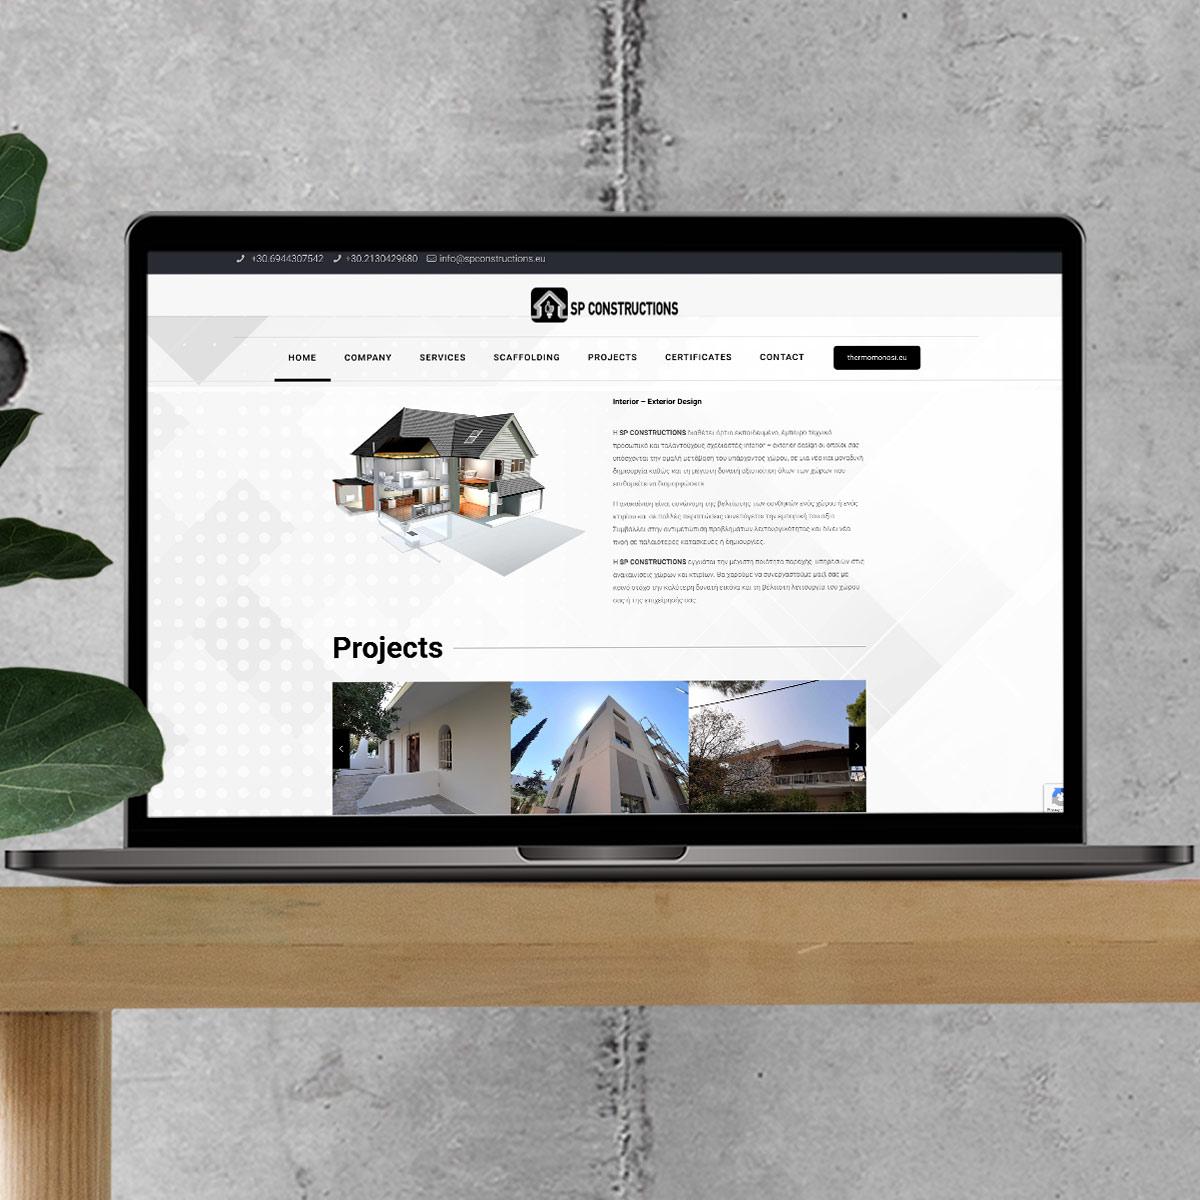 Σχεδιασμός ιστοσελίδας sp constructions